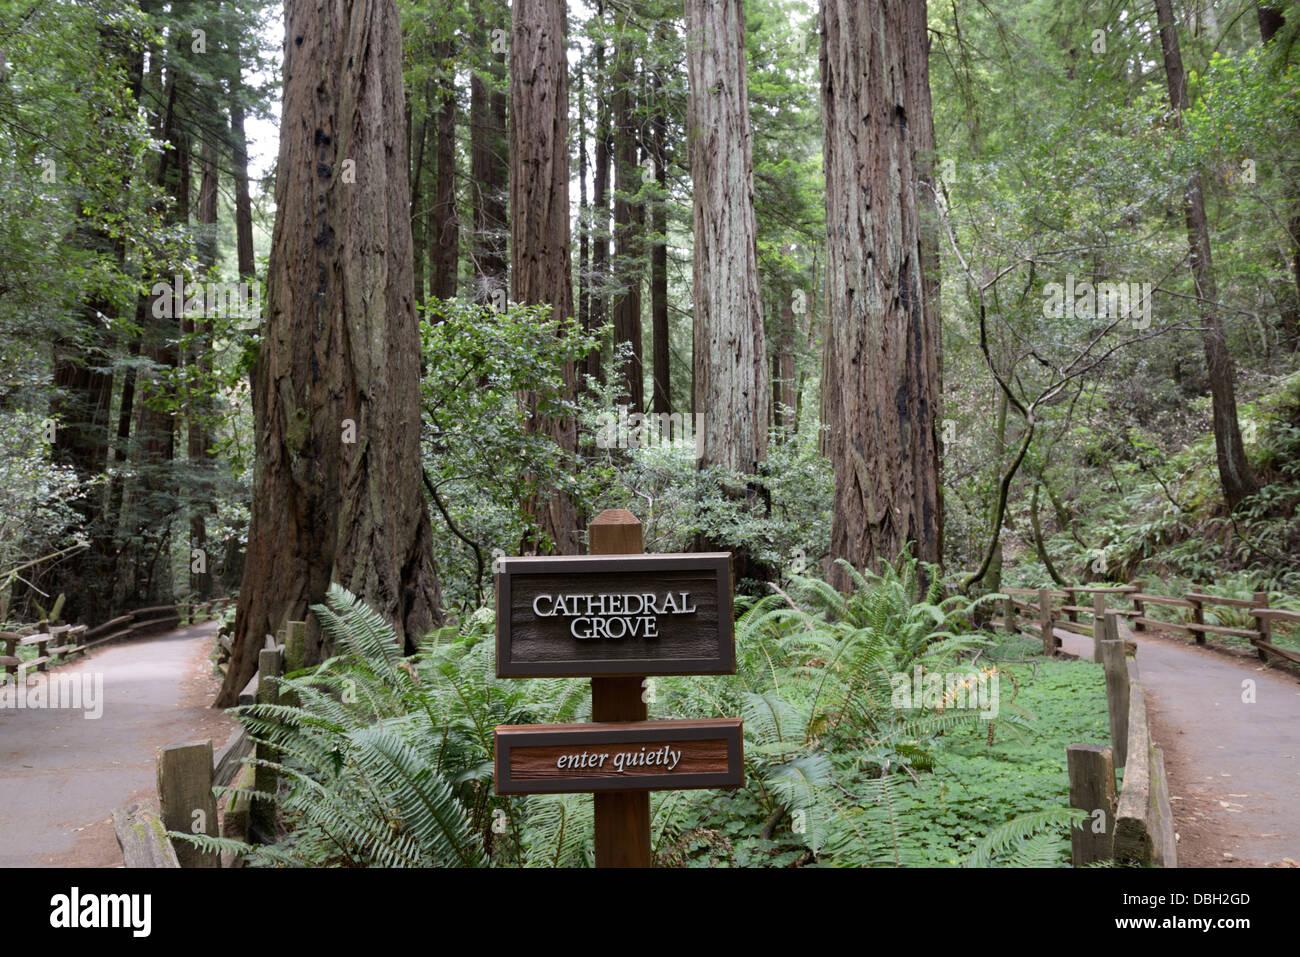 Camino a través de la Catedral Grove de Costa Redwoods, Sequoia sempervirens, Monumento Nacional Muir Woods Foto de stock